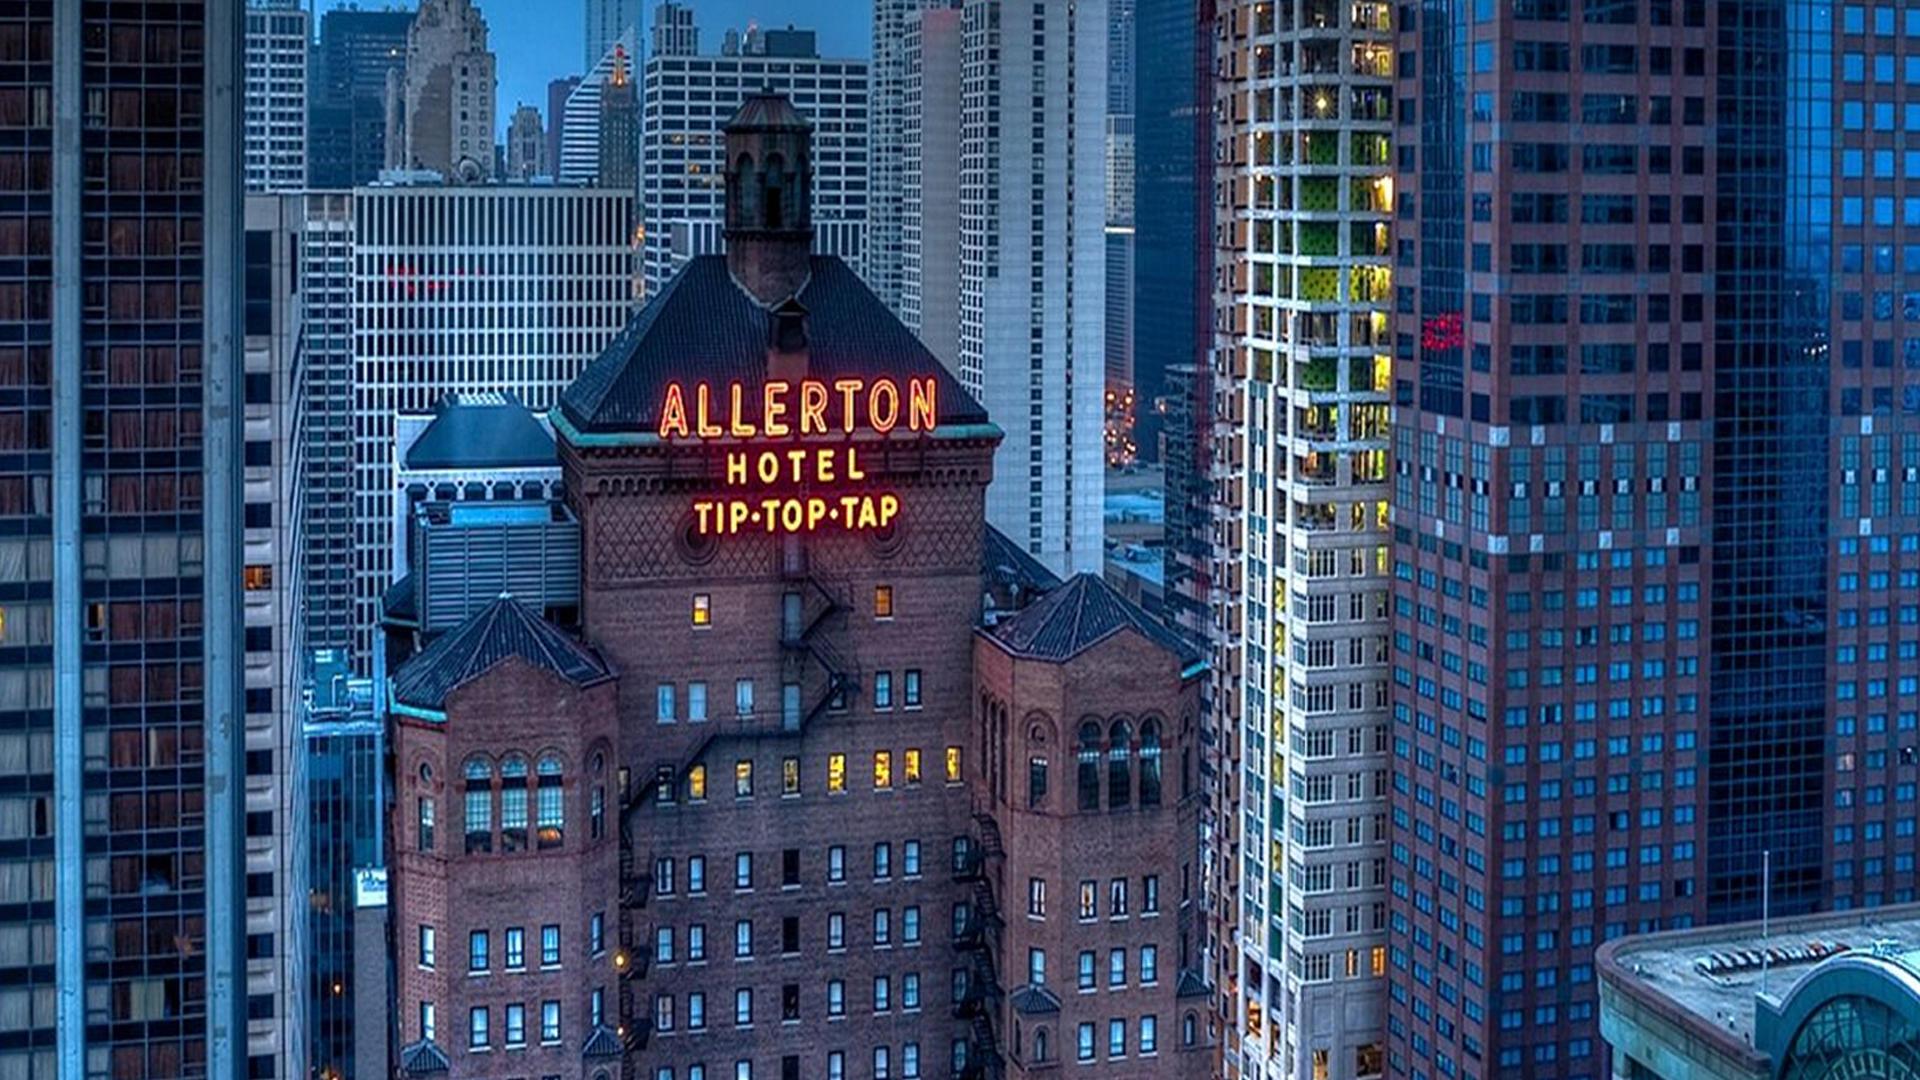 Allerton Hotel Neon Sign